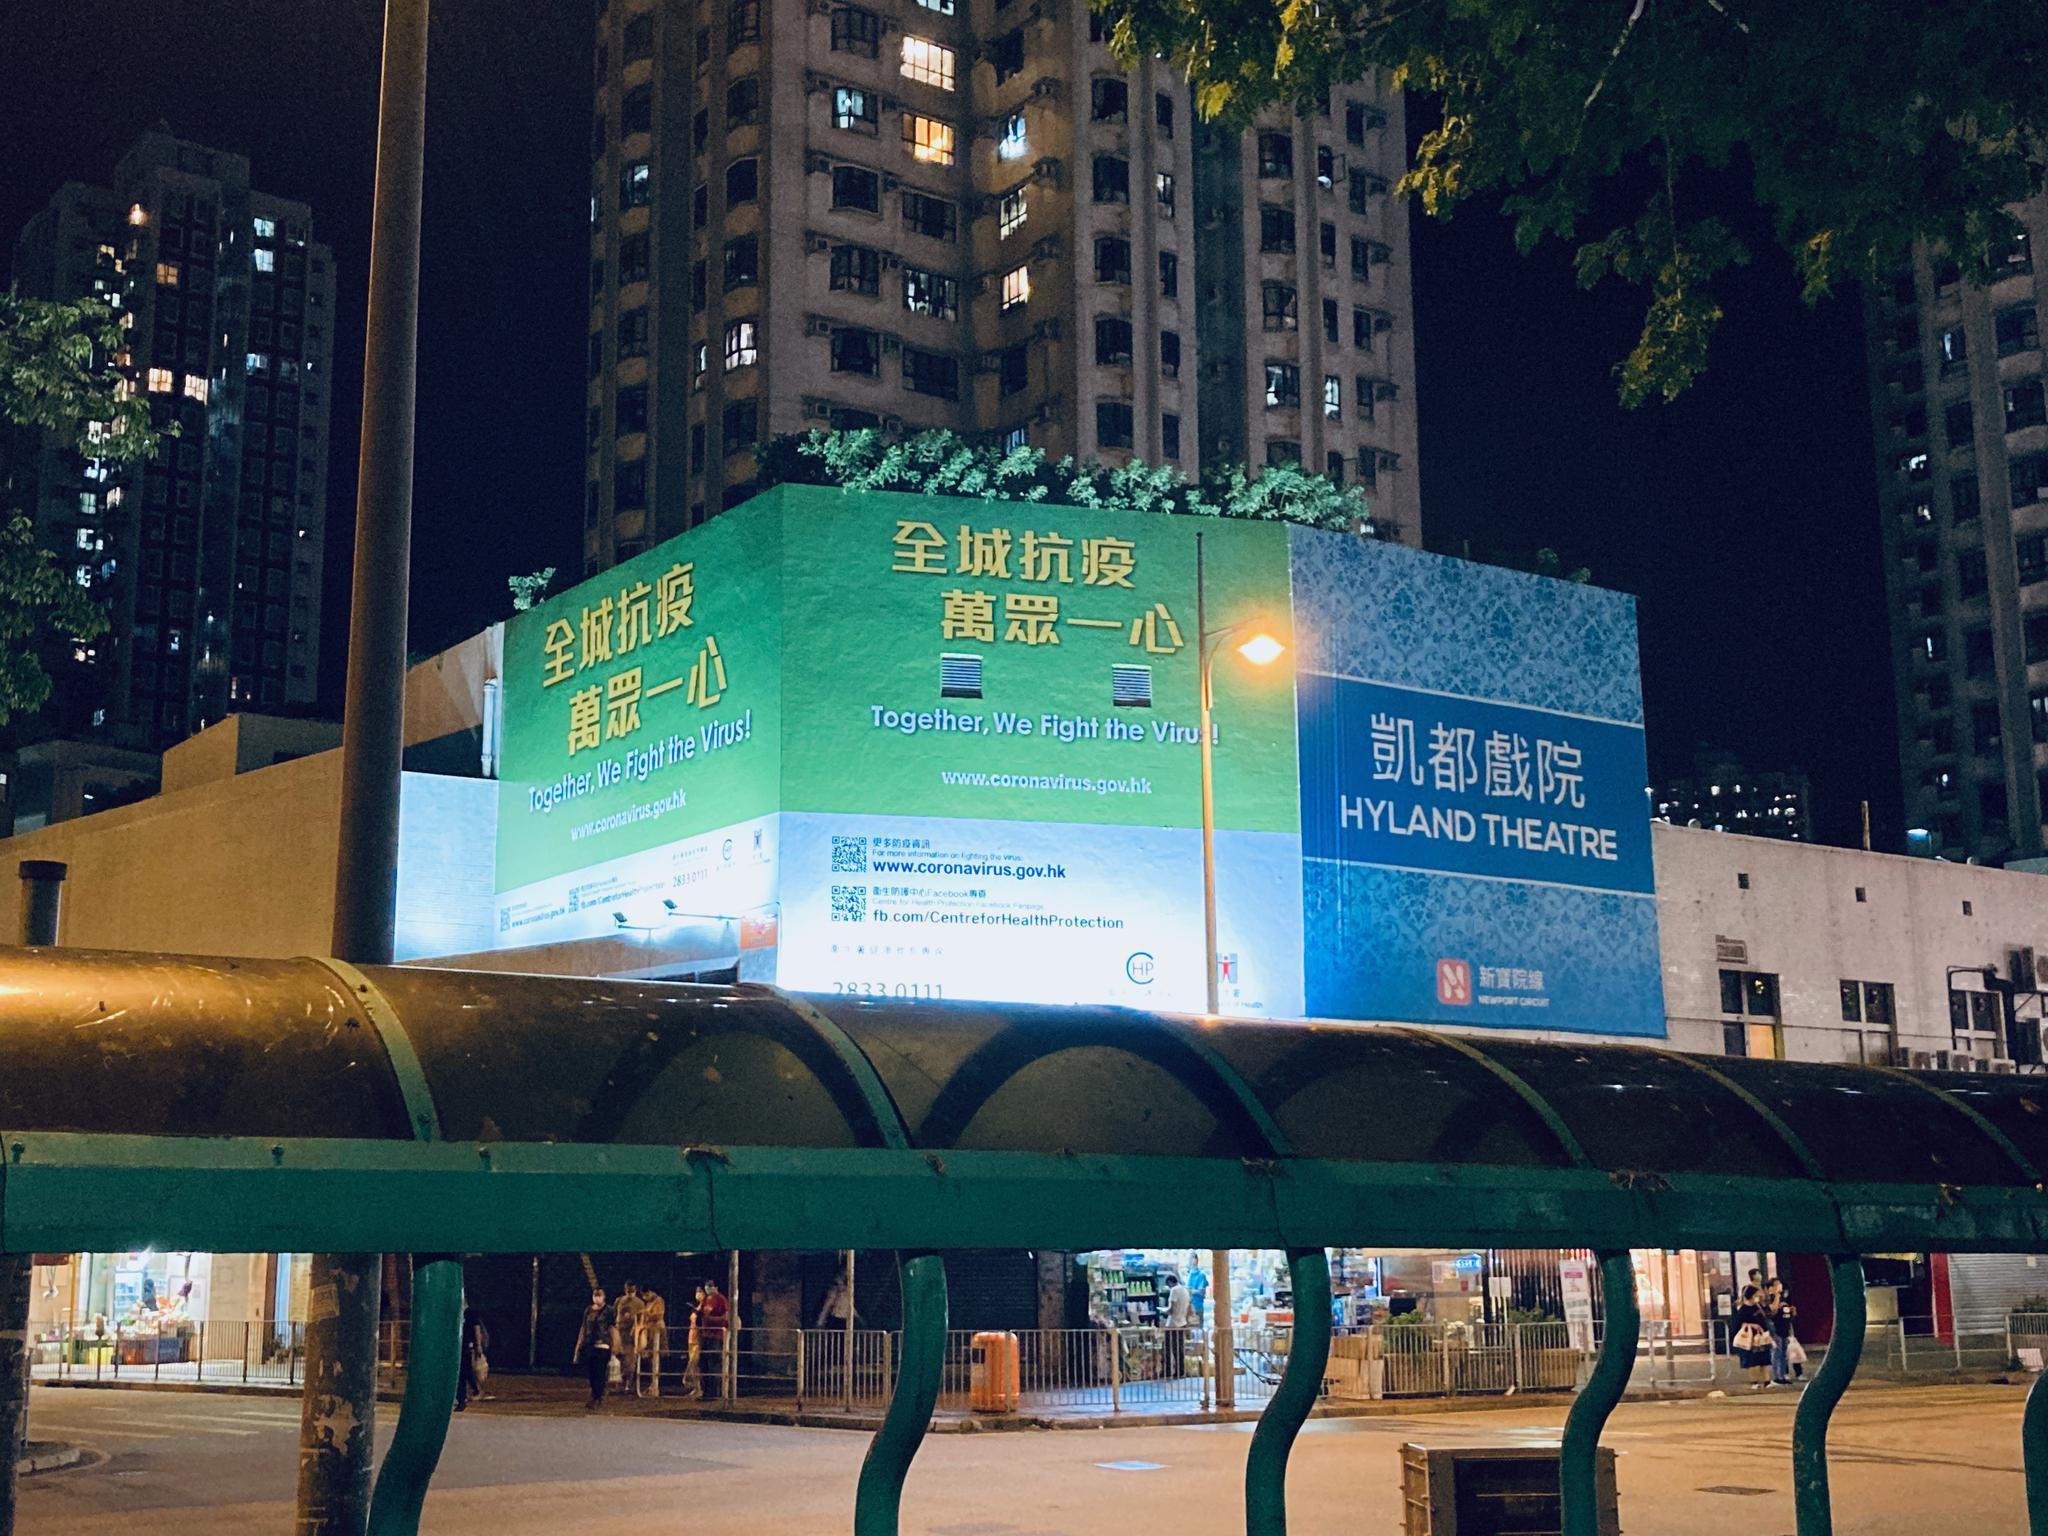 """香港新确诊的""""再感染""""病例或许证明了新冠肺炎患者在康复后可能也并非""""一世免疫"""",因此不能掉以轻心,要继续防疫措施。图为香港某区内刊登的政府呼吁""""全城抗疫、万众一心""""的广告牌。《财经》记者 焦建/摄"""